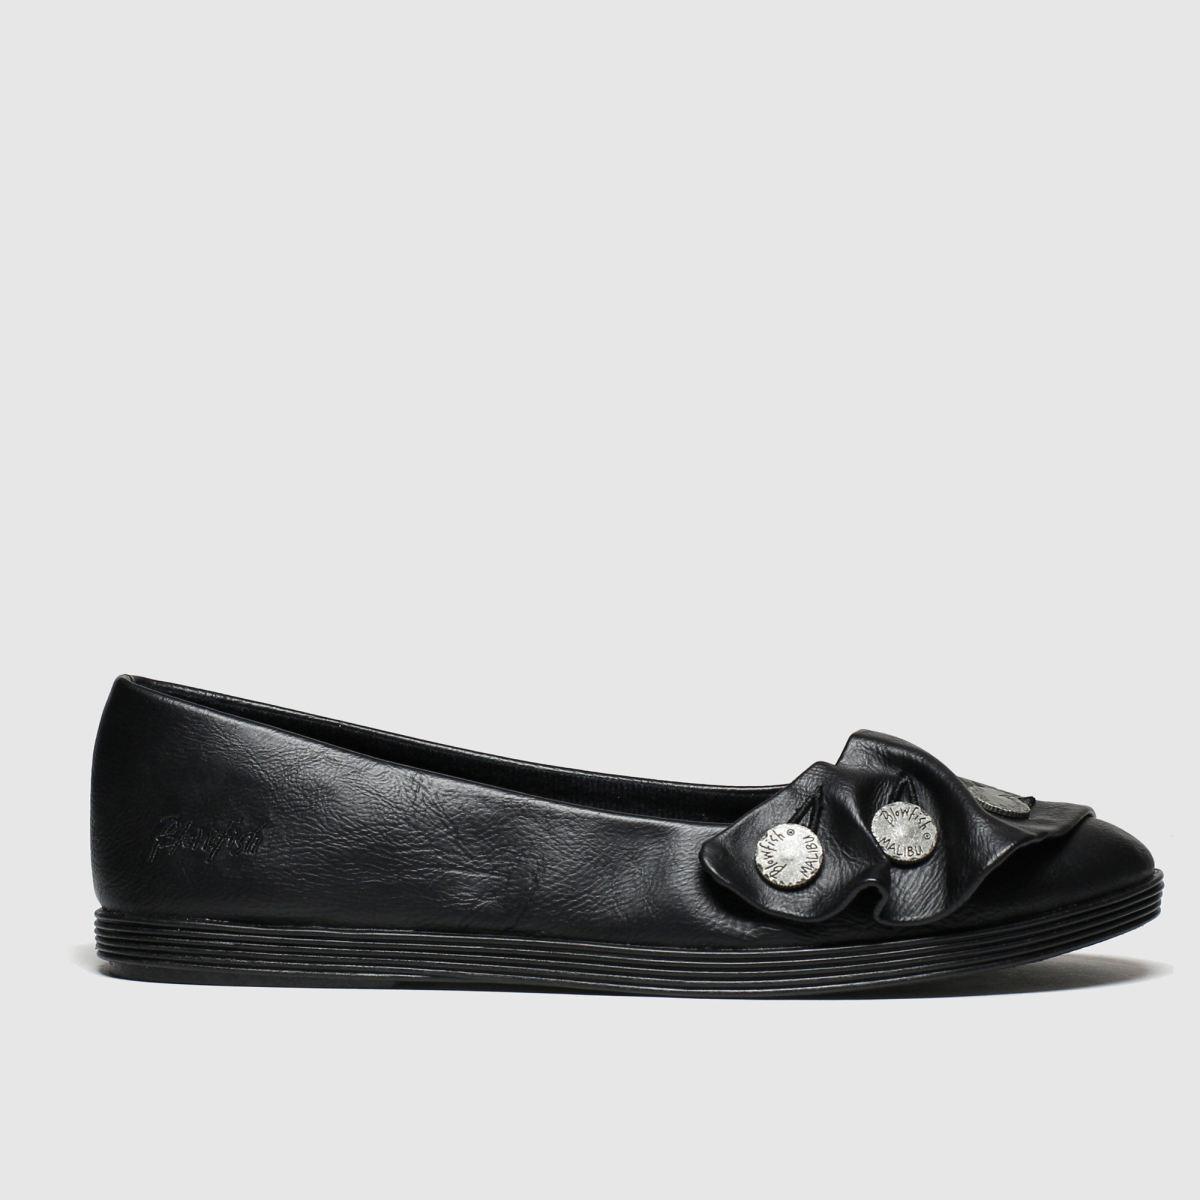 Blowfish Malibu Black Gogogo Vegan Flat Shoes